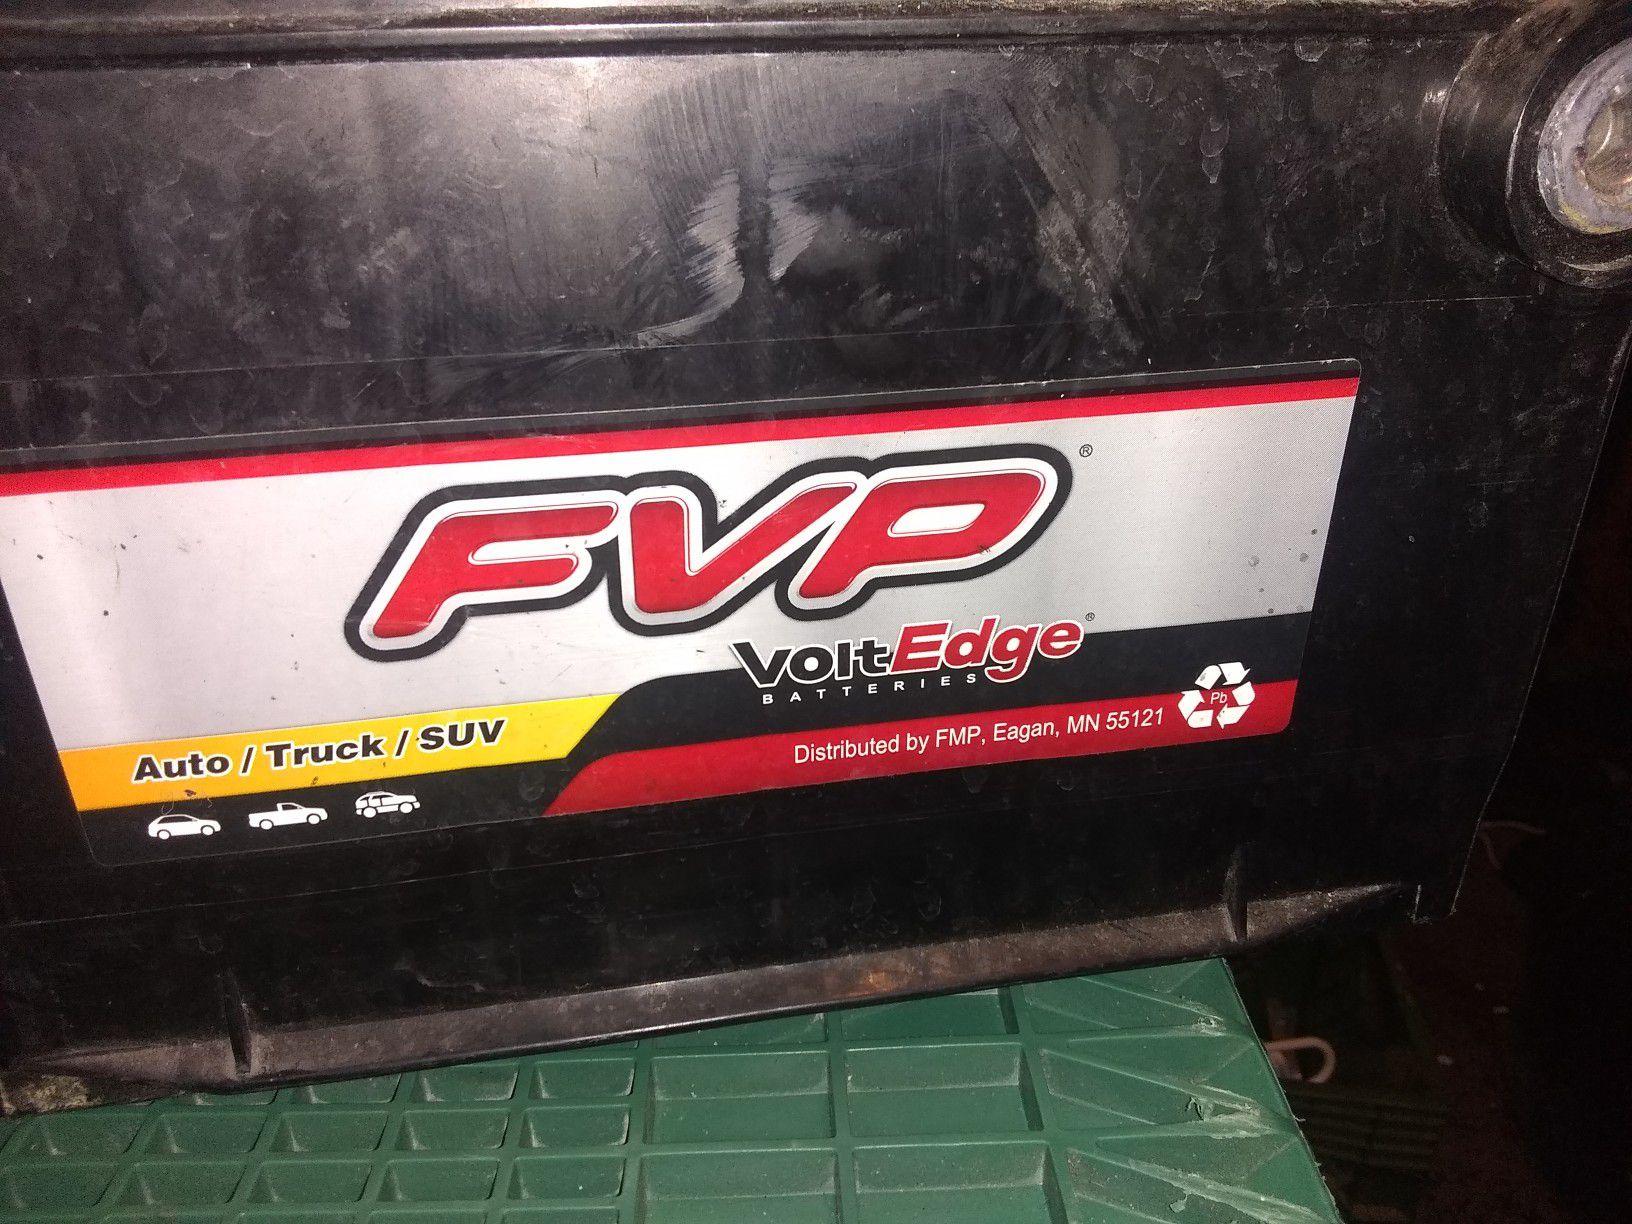 Fvp battery basically new